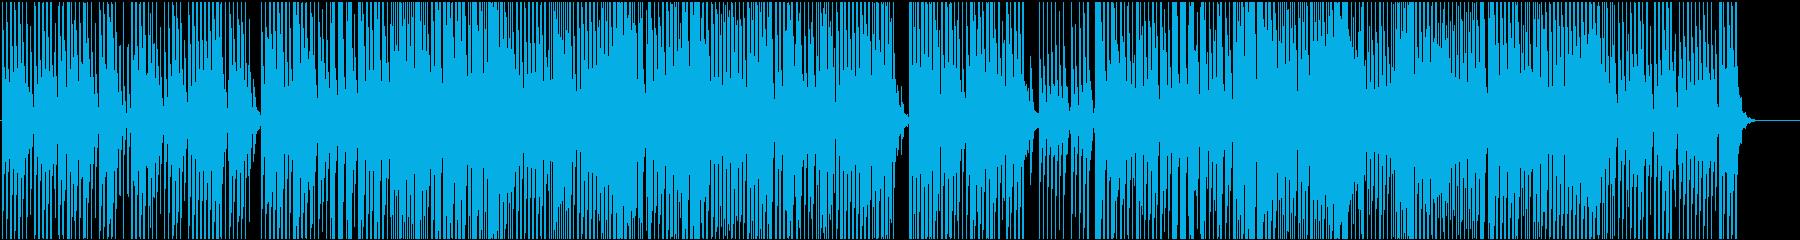 和風BGM 三味線による勢いある中テンポの再生済みの波形